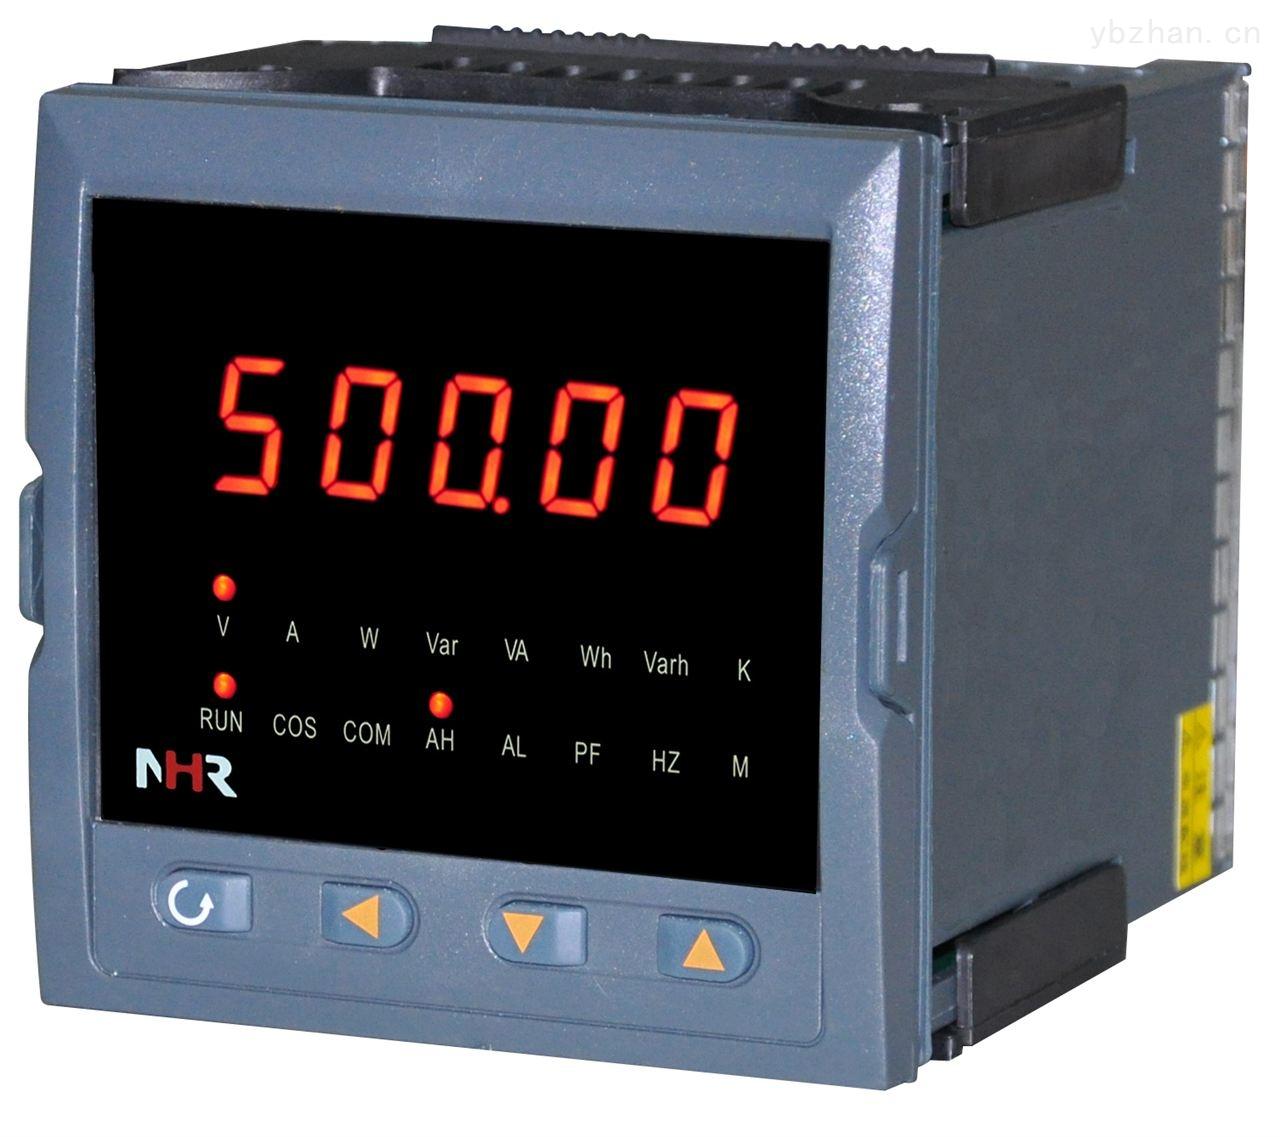 交流电压/电流表为新 一代可编程智能仪表,它采用大规模集成电路